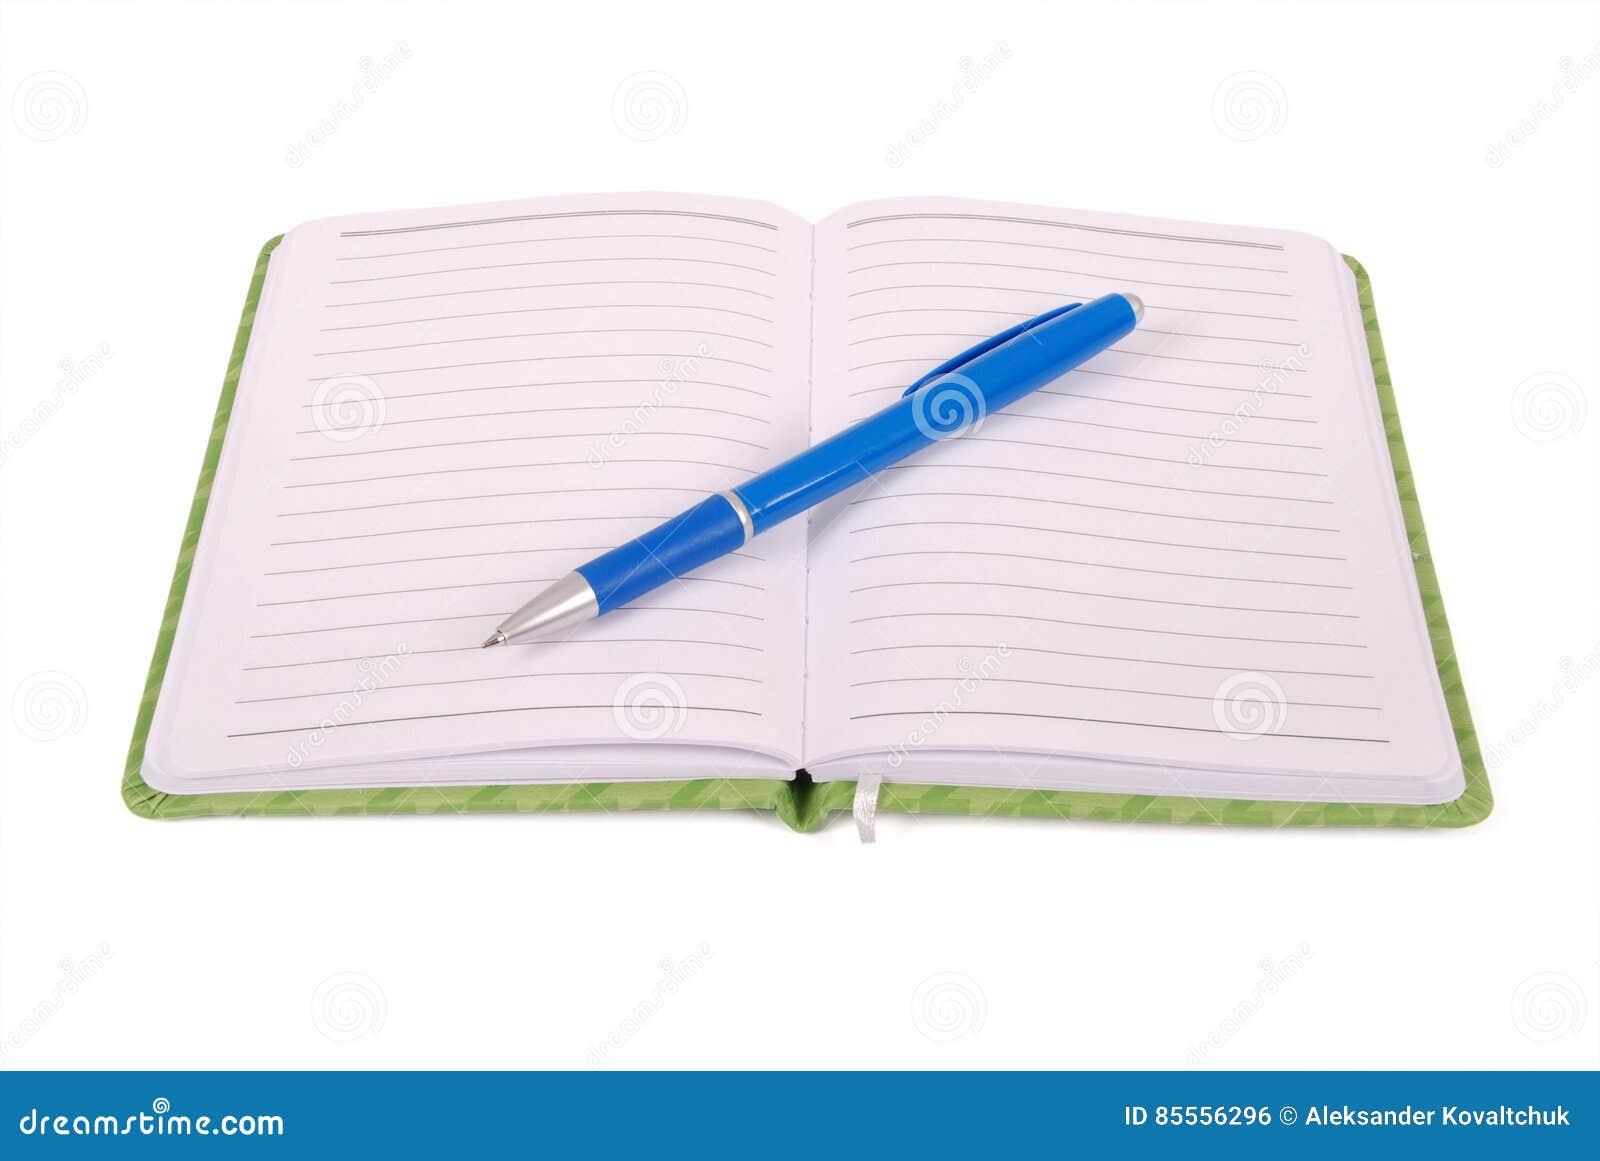 Grünes Notizbuch und blauer Stift